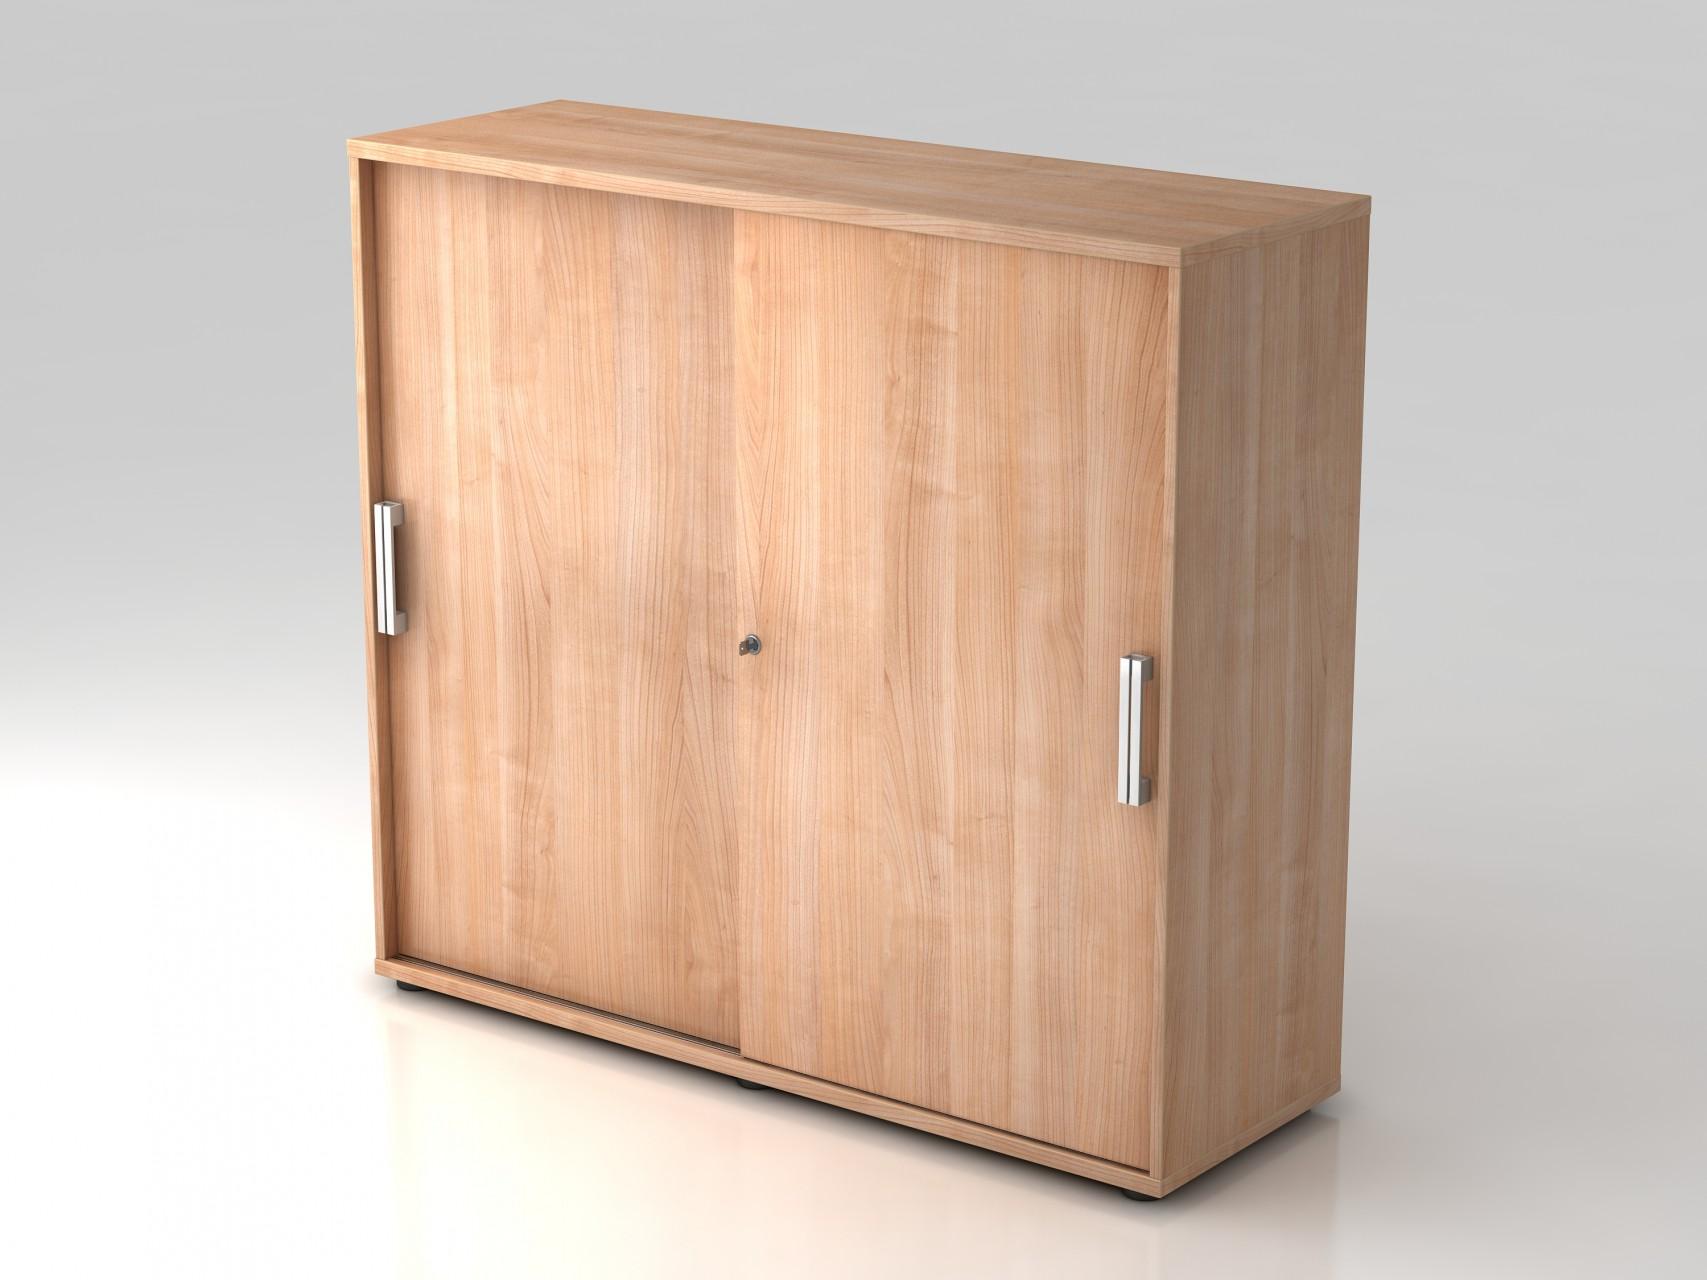 Armoire 120 cm portes coulissantes armoire portes for Armoire 110 cm porte coulissante